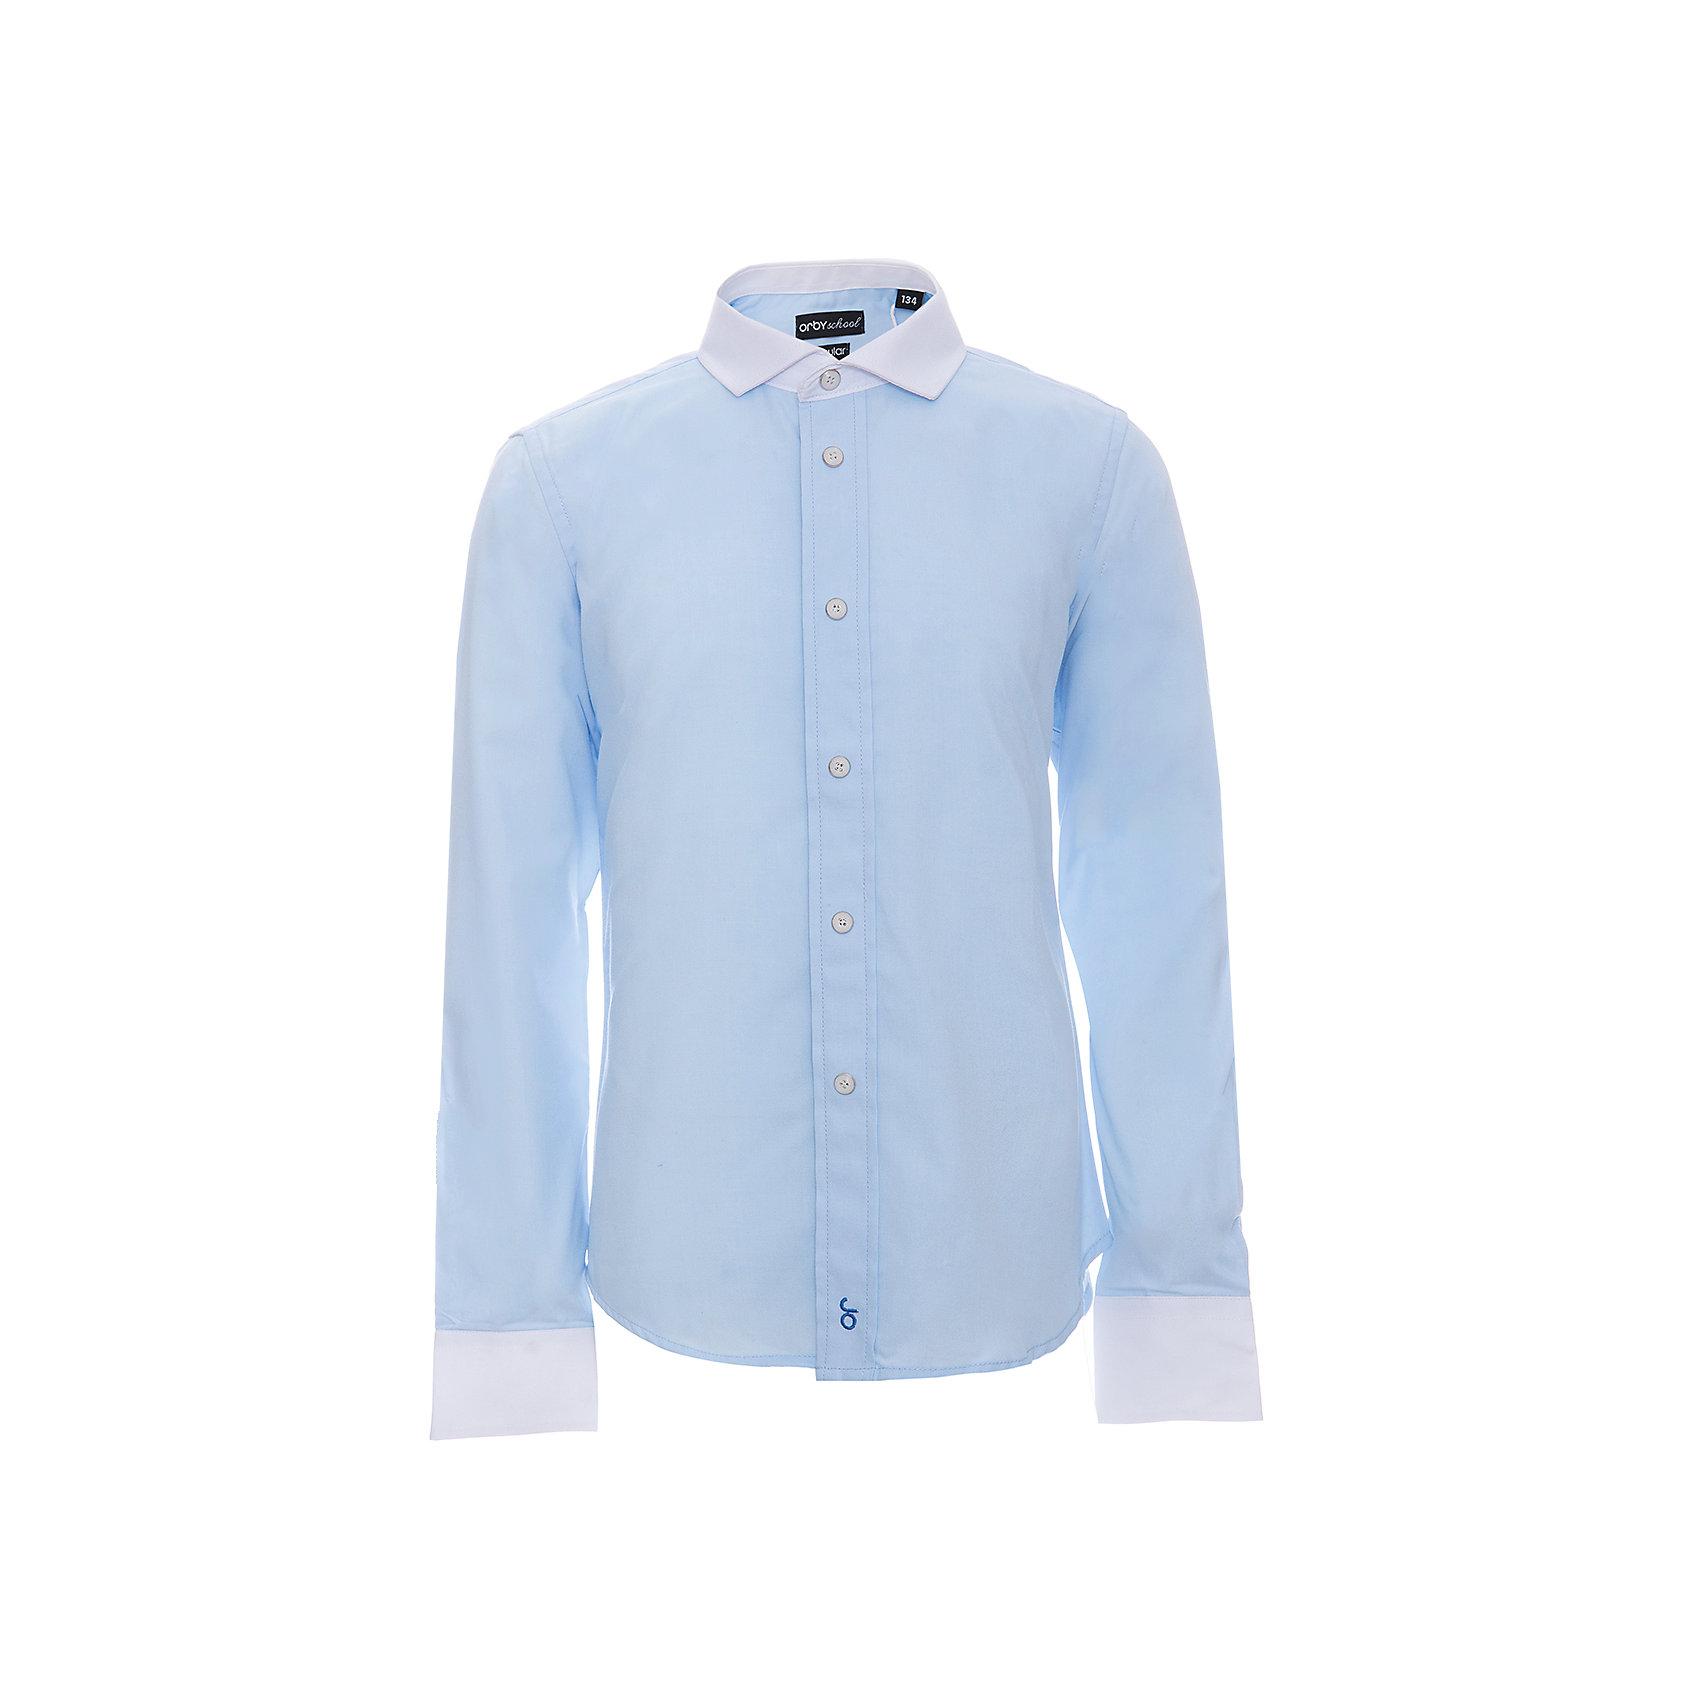 Рубашка для мальчика OrbyБлузки и рубашки<br>Характеристики товара:<br><br>• цвет: голубой<br>• состав ткани: 40% хлопок, 60% ПЭ<br>• особенности: школьная, праздничная<br>• длинные рукава<br>• застежка: пуговицы<br>• контрастный воротник и манжеты<br>• сезон: круглый год<br>• страна бренда: Россия<br>• страна изготовитель: Россия<br><br>Голубая рубашка для мальчика Orby - отличный способ разнообразить гардероб. Такая классическая сорочка хорошо дополнит школьную форму. <br><br>Классическая рубашка поможет ребенку выглядеть стильно и чувствовать себя комфортно. Сшита из материала с добавлением натурального хлопка.<br><br>Рубашку для мальчика Orby (Орби) можно купить в нашем интернет-магазине.<br><br>Ширина мм: 174<br>Глубина мм: 10<br>Высота мм: 169<br>Вес г: 157<br>Цвет: голубой<br>Возраст от месяцев: 156<br>Возраст до месяцев: 168<br>Пол: Мужской<br>Возраст: Детский<br>Размер: 164,170,122,128,134,140,146,152,158<br>SKU: 6960324